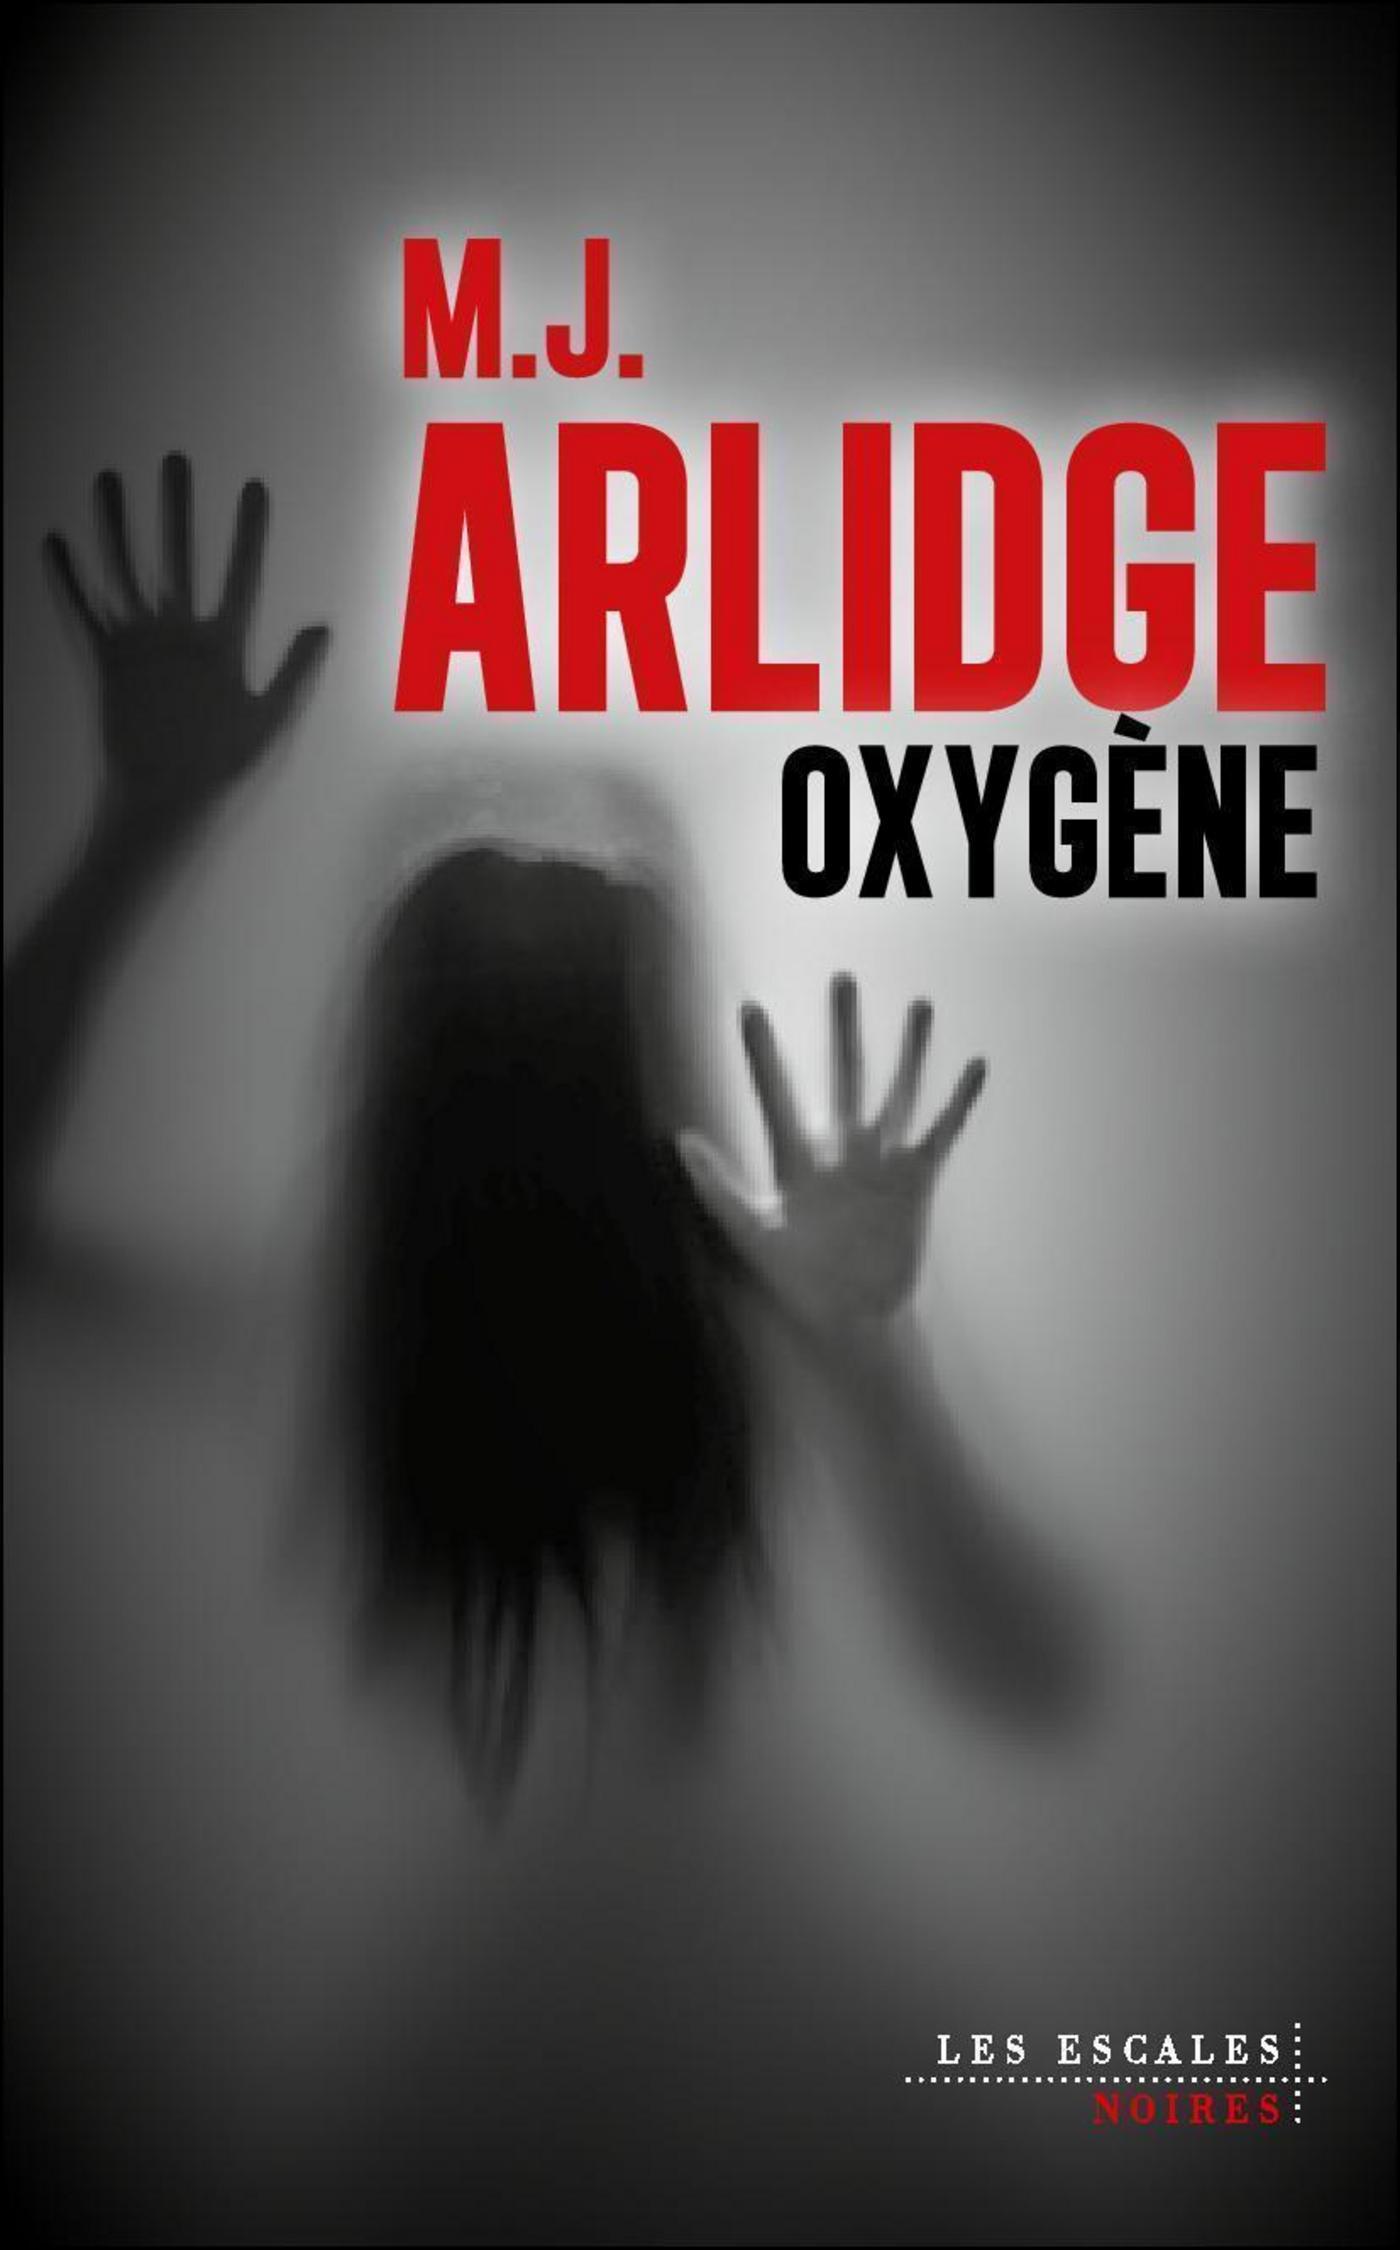 Oxygène | ARLIDGE, M. J.